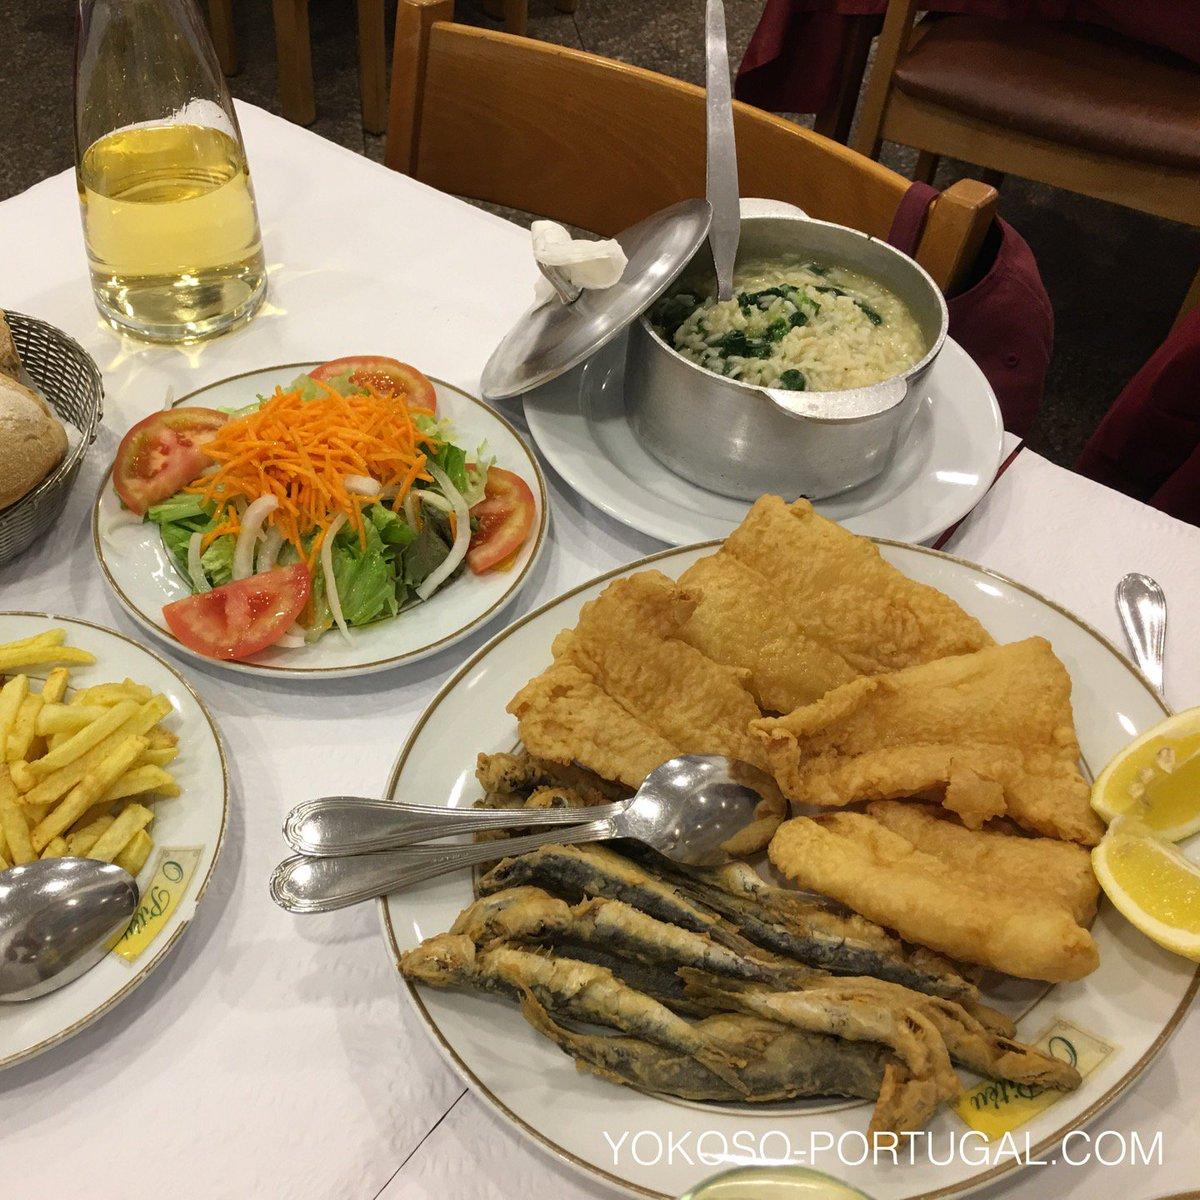 test ツイッターメディア - また来てしまいました。グラサ地区にある、おすすめレストラン。さくっとジューシーに揚げられた魚が絶品です。 (@ O Pitéu da Graça in Lisboa) https://t.co/SKgGDSAplb https://t.co/E8VfqiXfC0